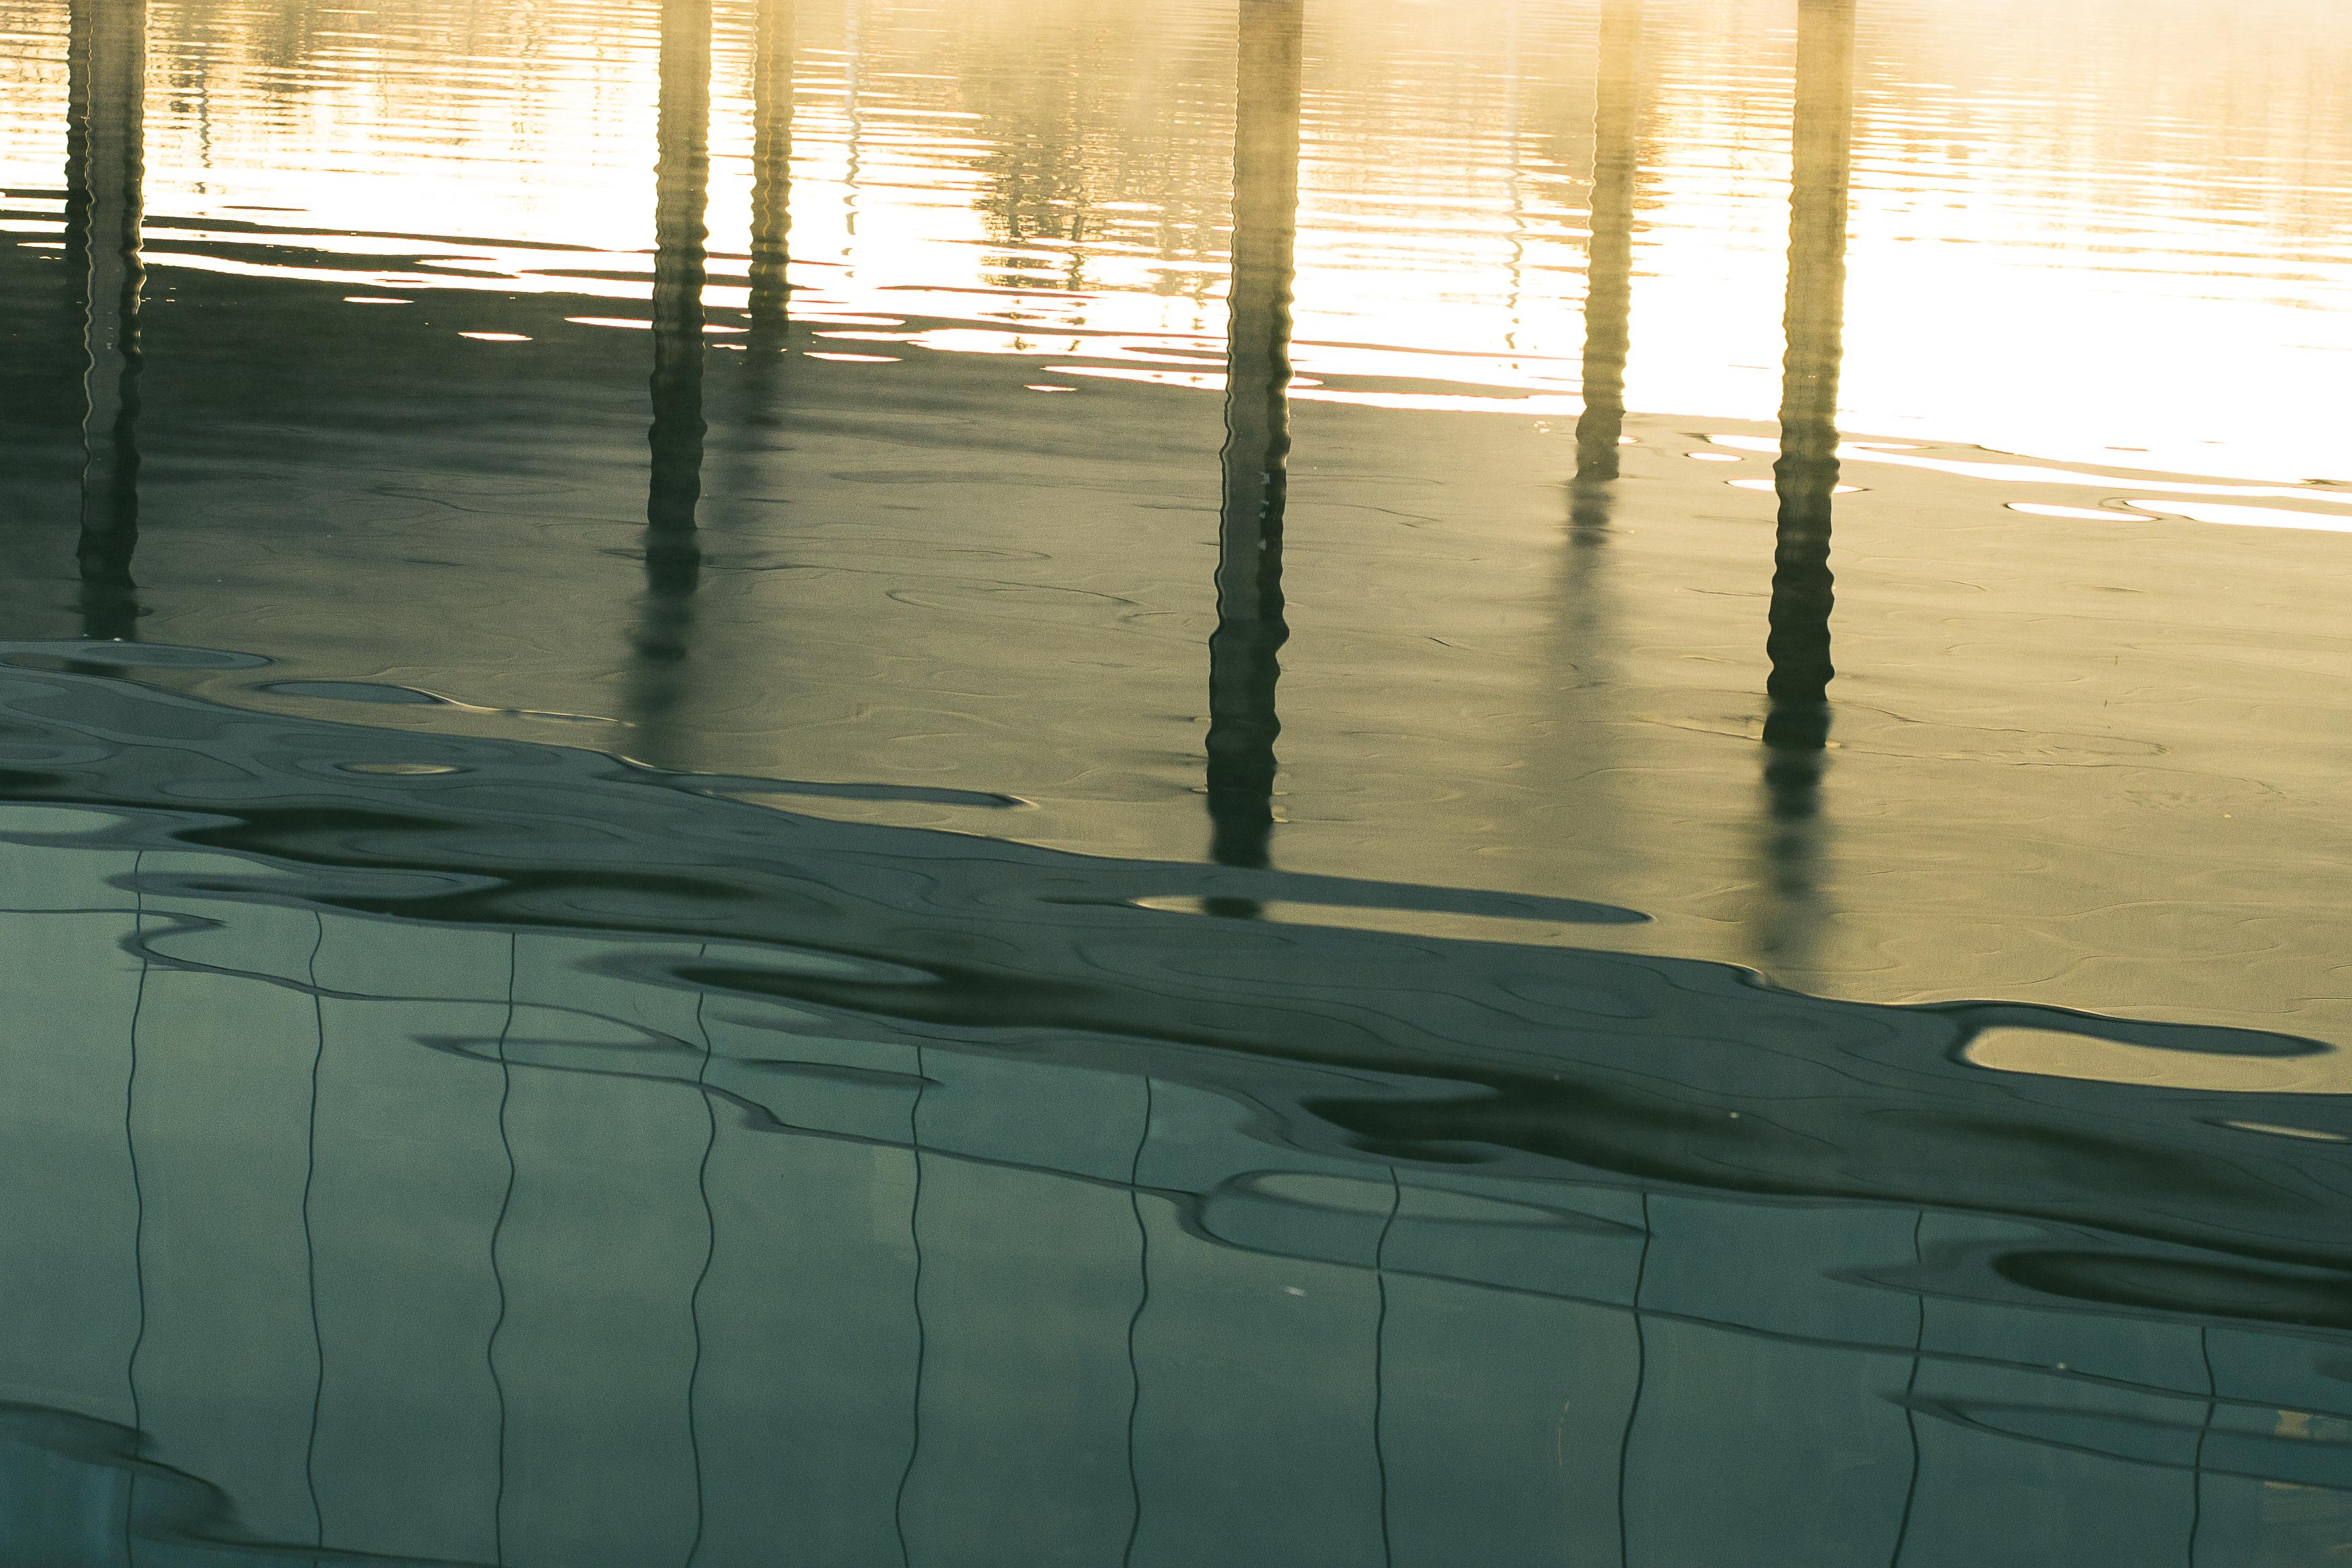 Warm reflections, Karenia Niedzwiecki